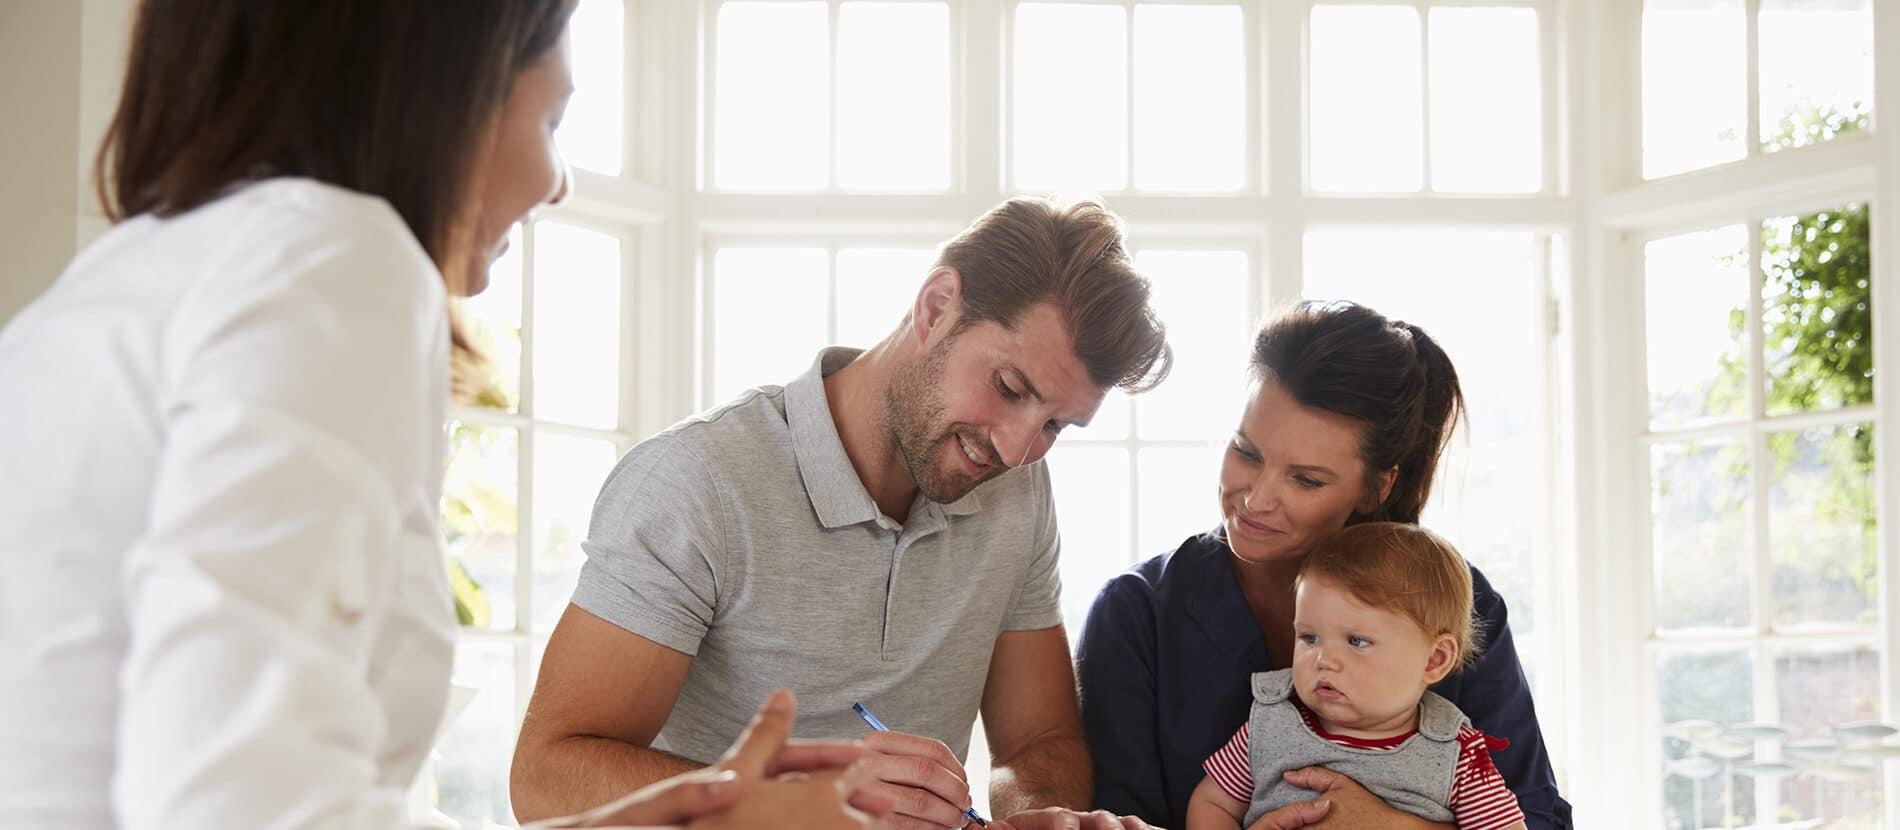 Une famille entrain de régler des documents administratifs